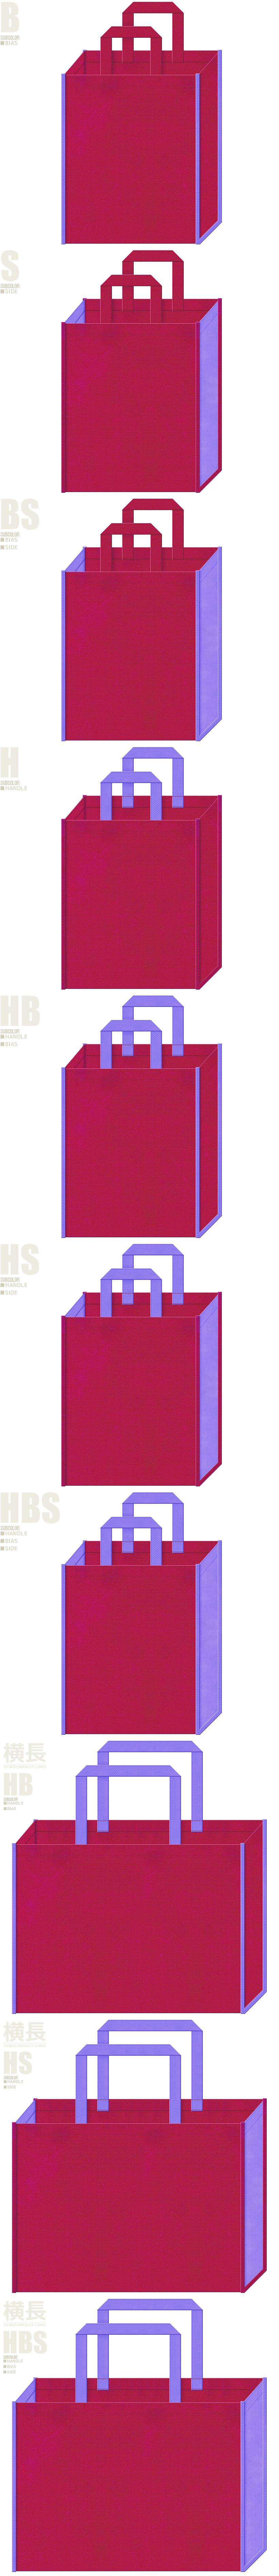 魔女・魔法使い・占い・ウィッグ・コスプレイベントにお奨めの不織布バッグデザイン:濃いピンク色と薄紫色の配色7パターン